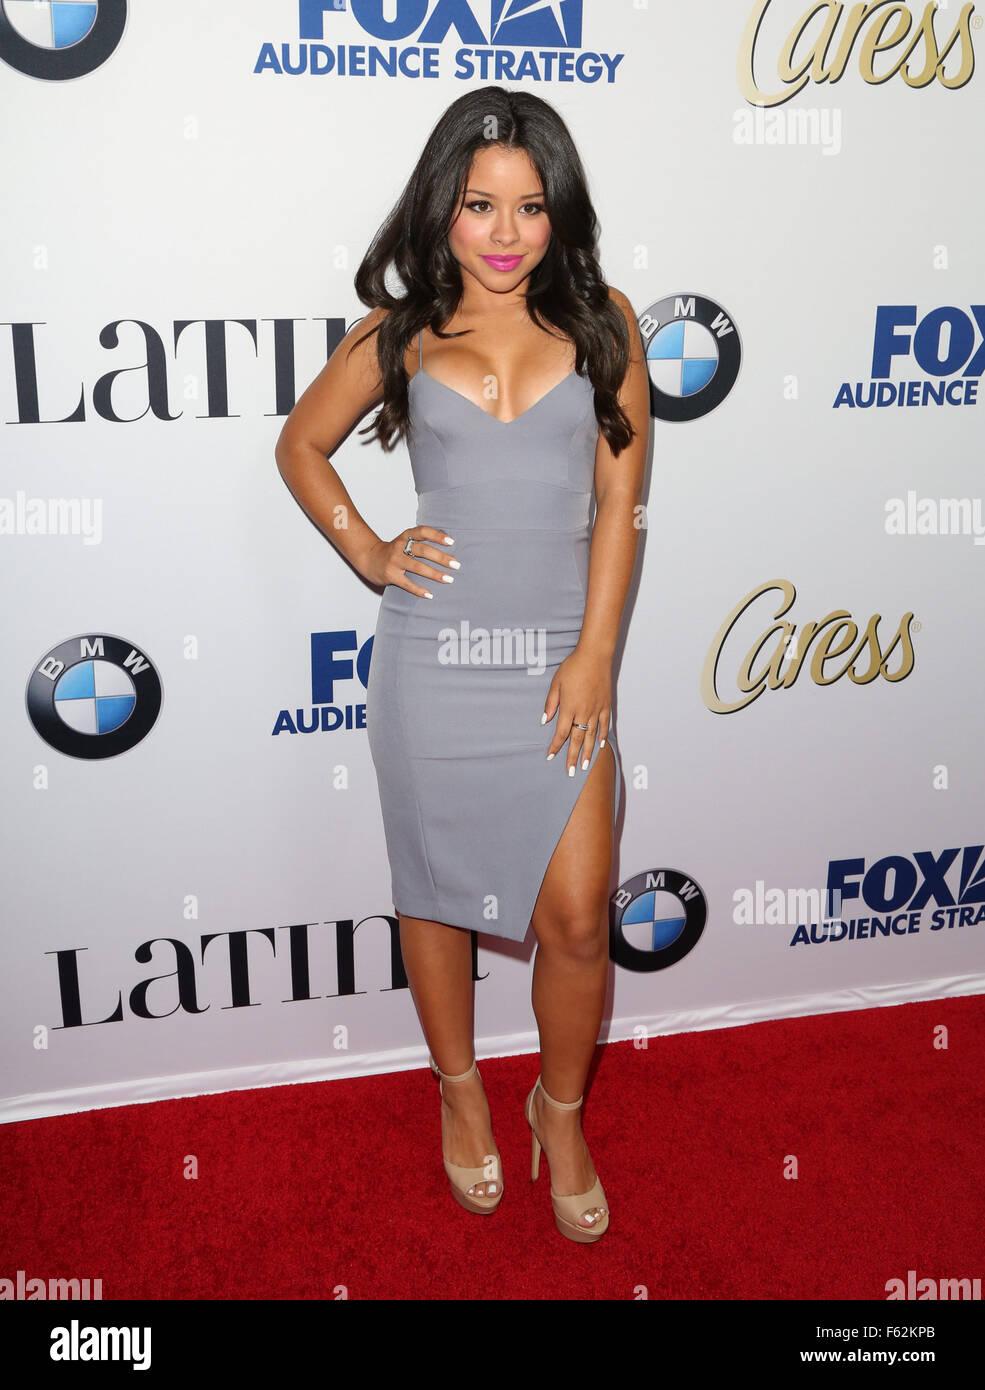 Hot latina 25 Hottest